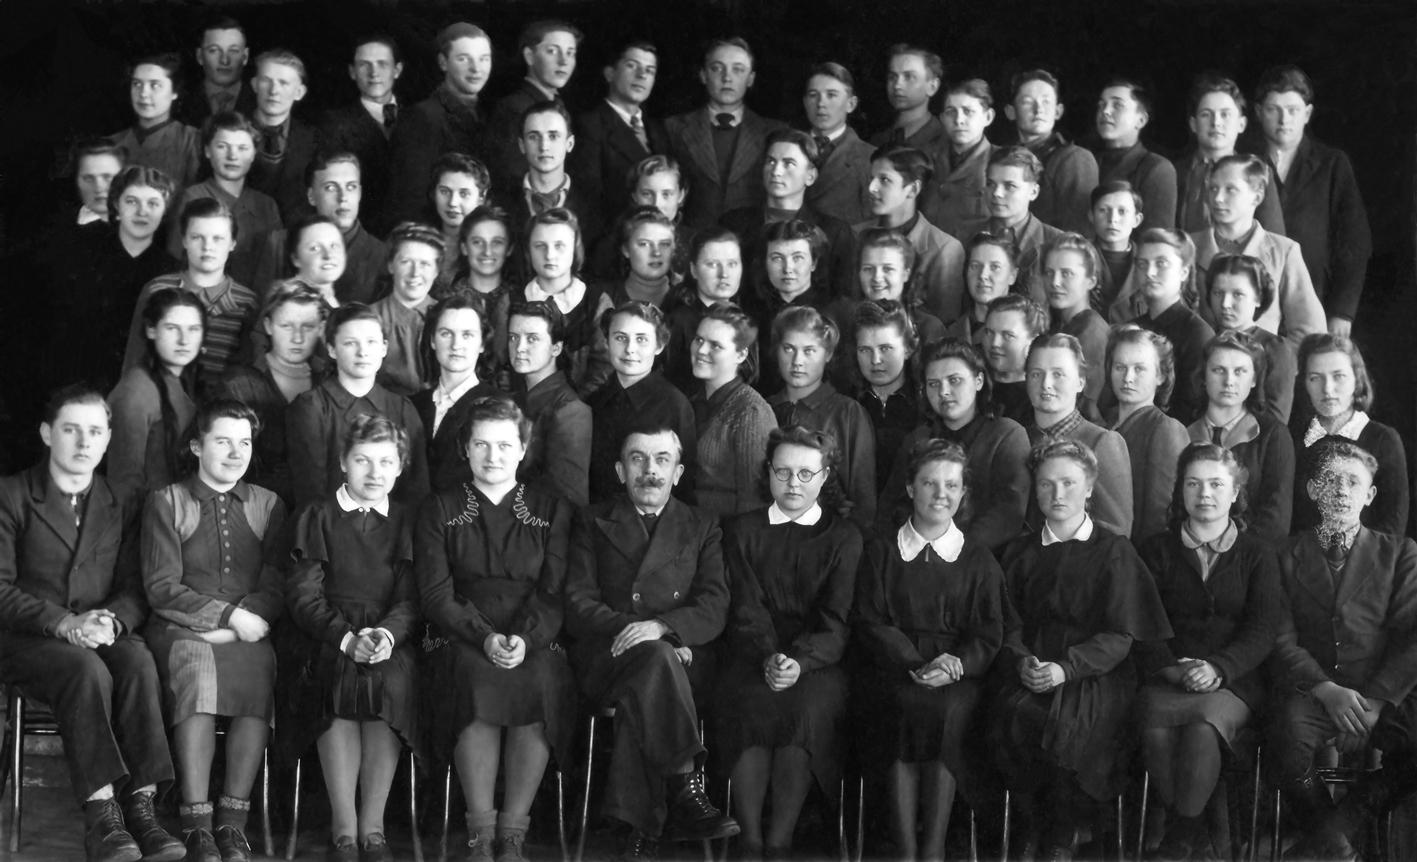 Gimnazijos choristai prieš išvykstant į Respublikinę dainų šventę